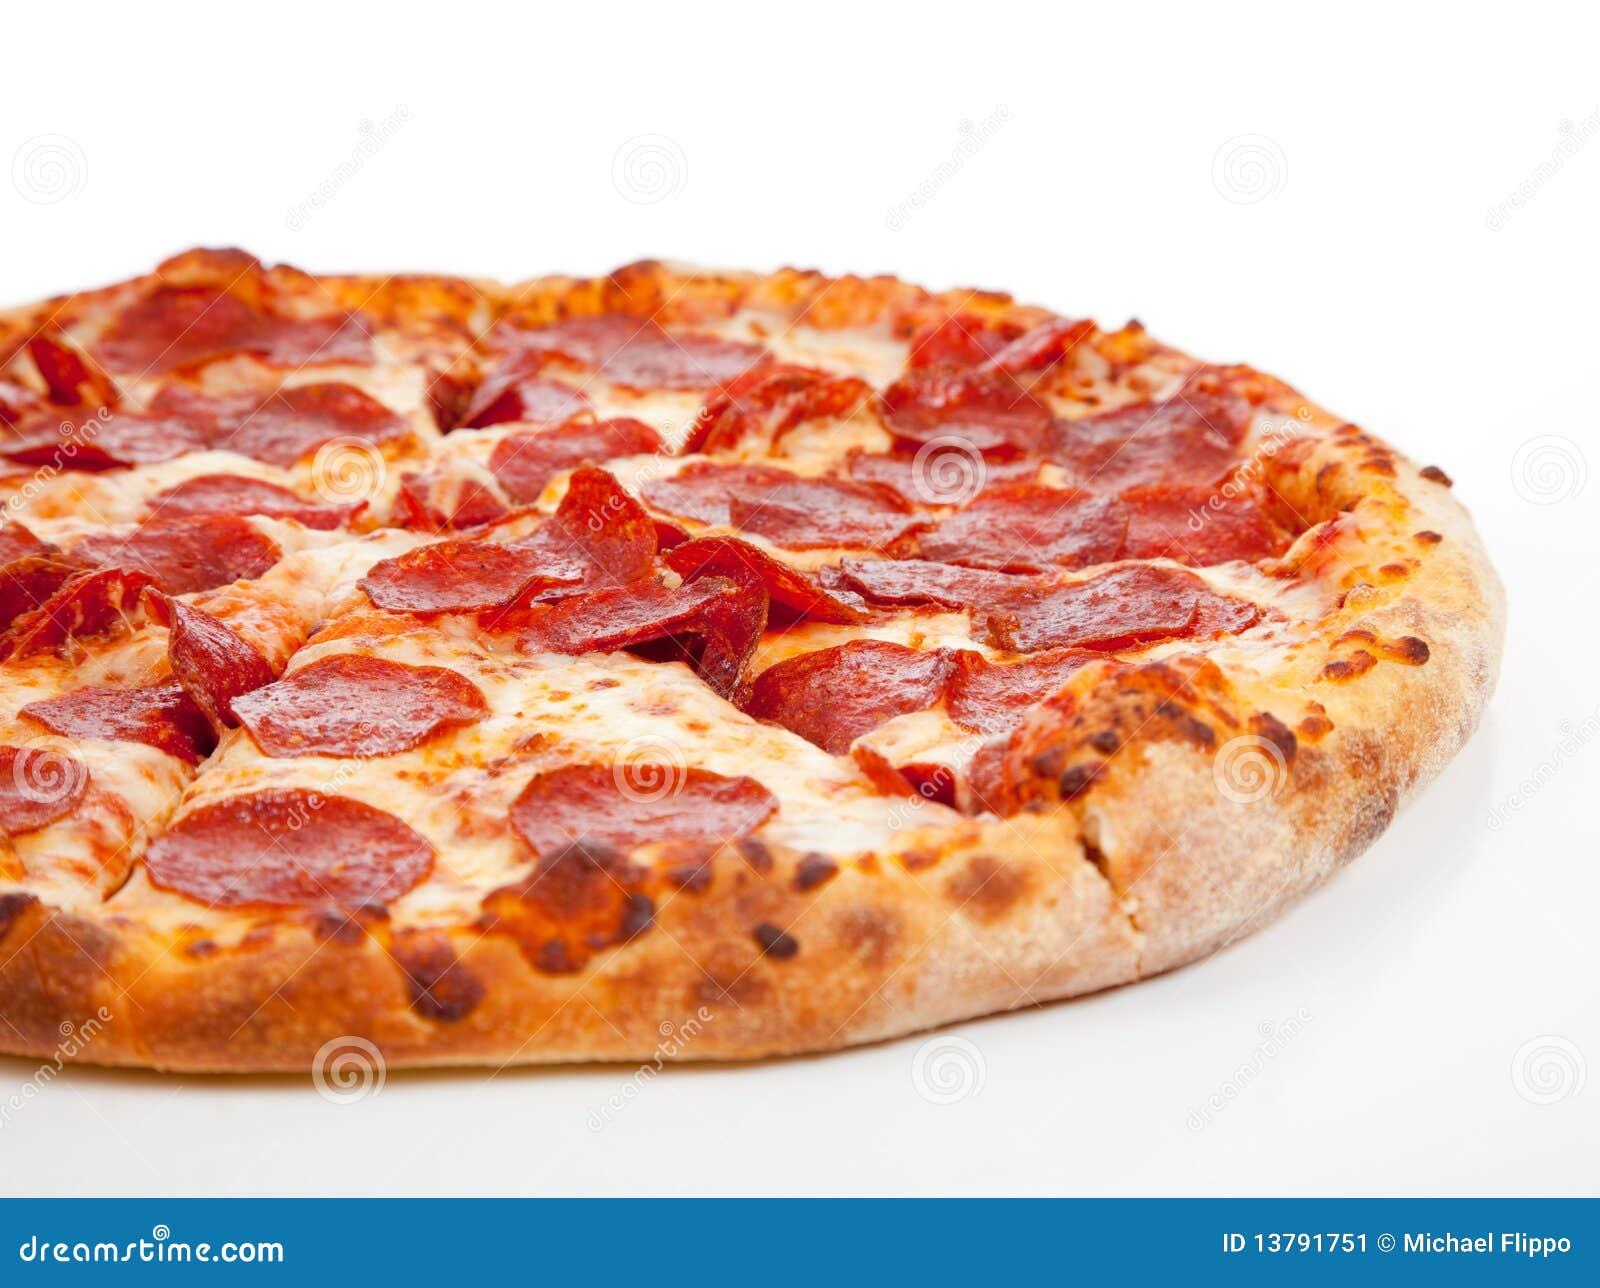 Pepperonipizza auf einem weißen Hintergrund